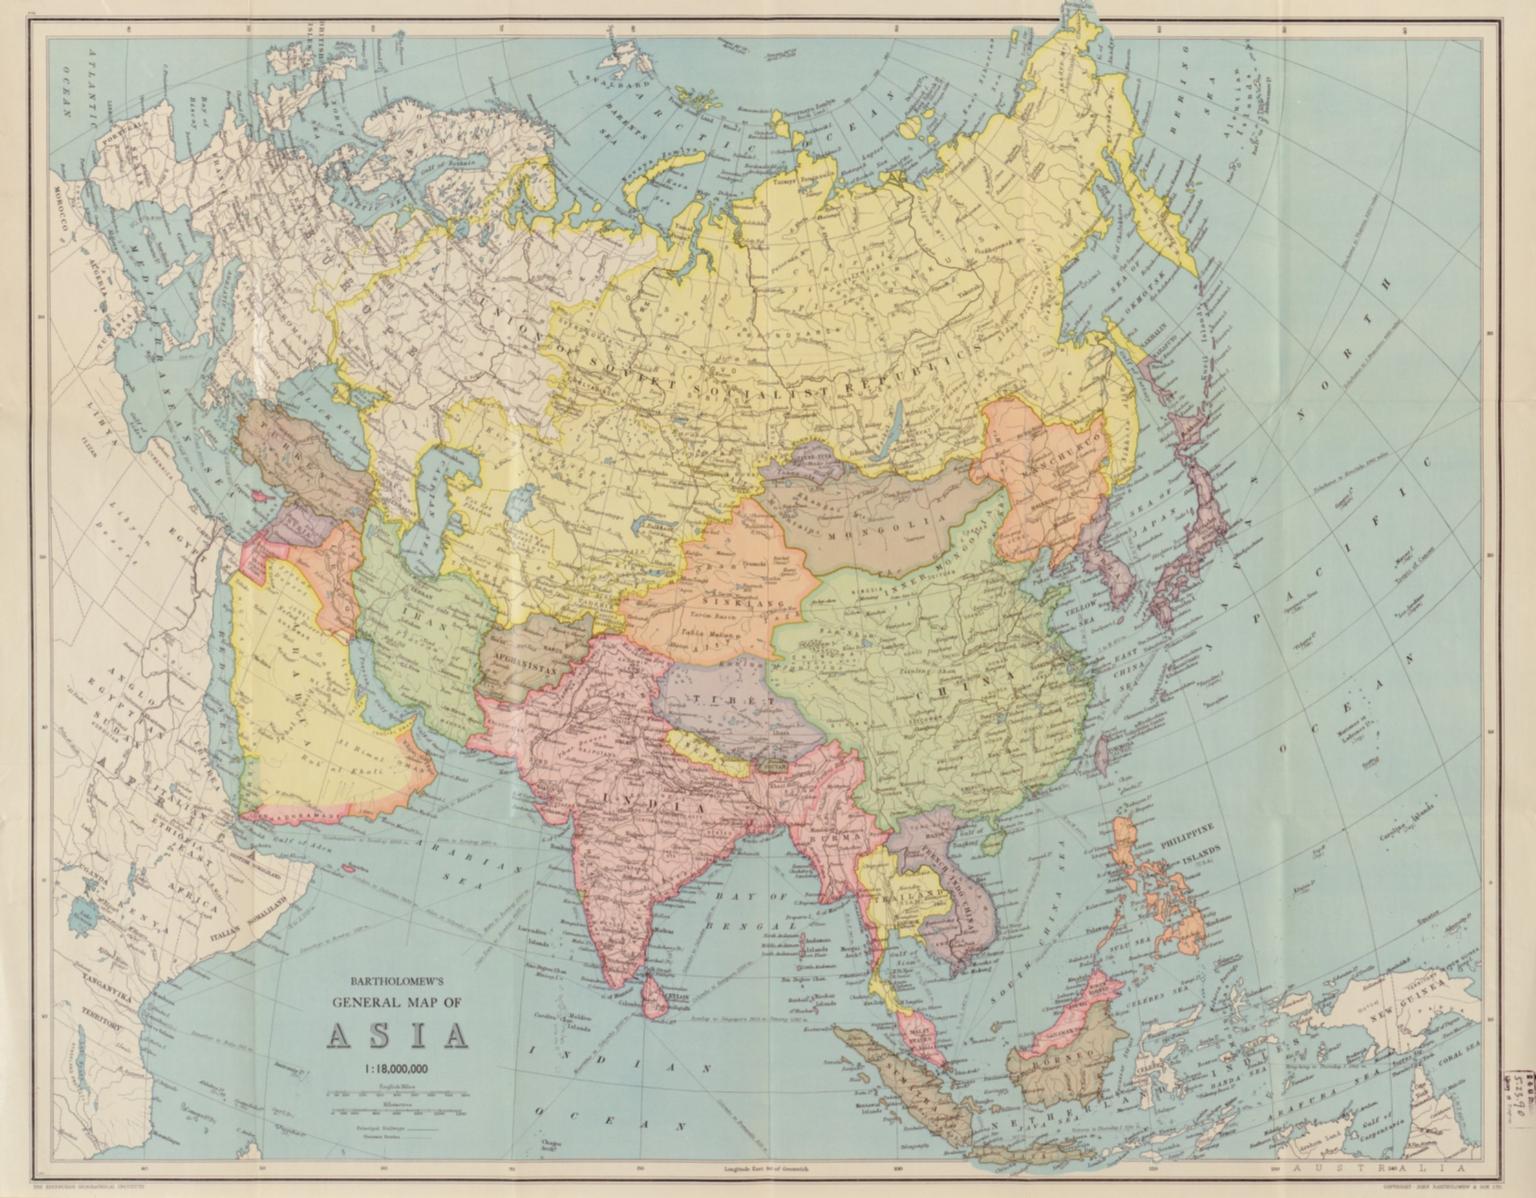 Bartholomew's general map of Asia